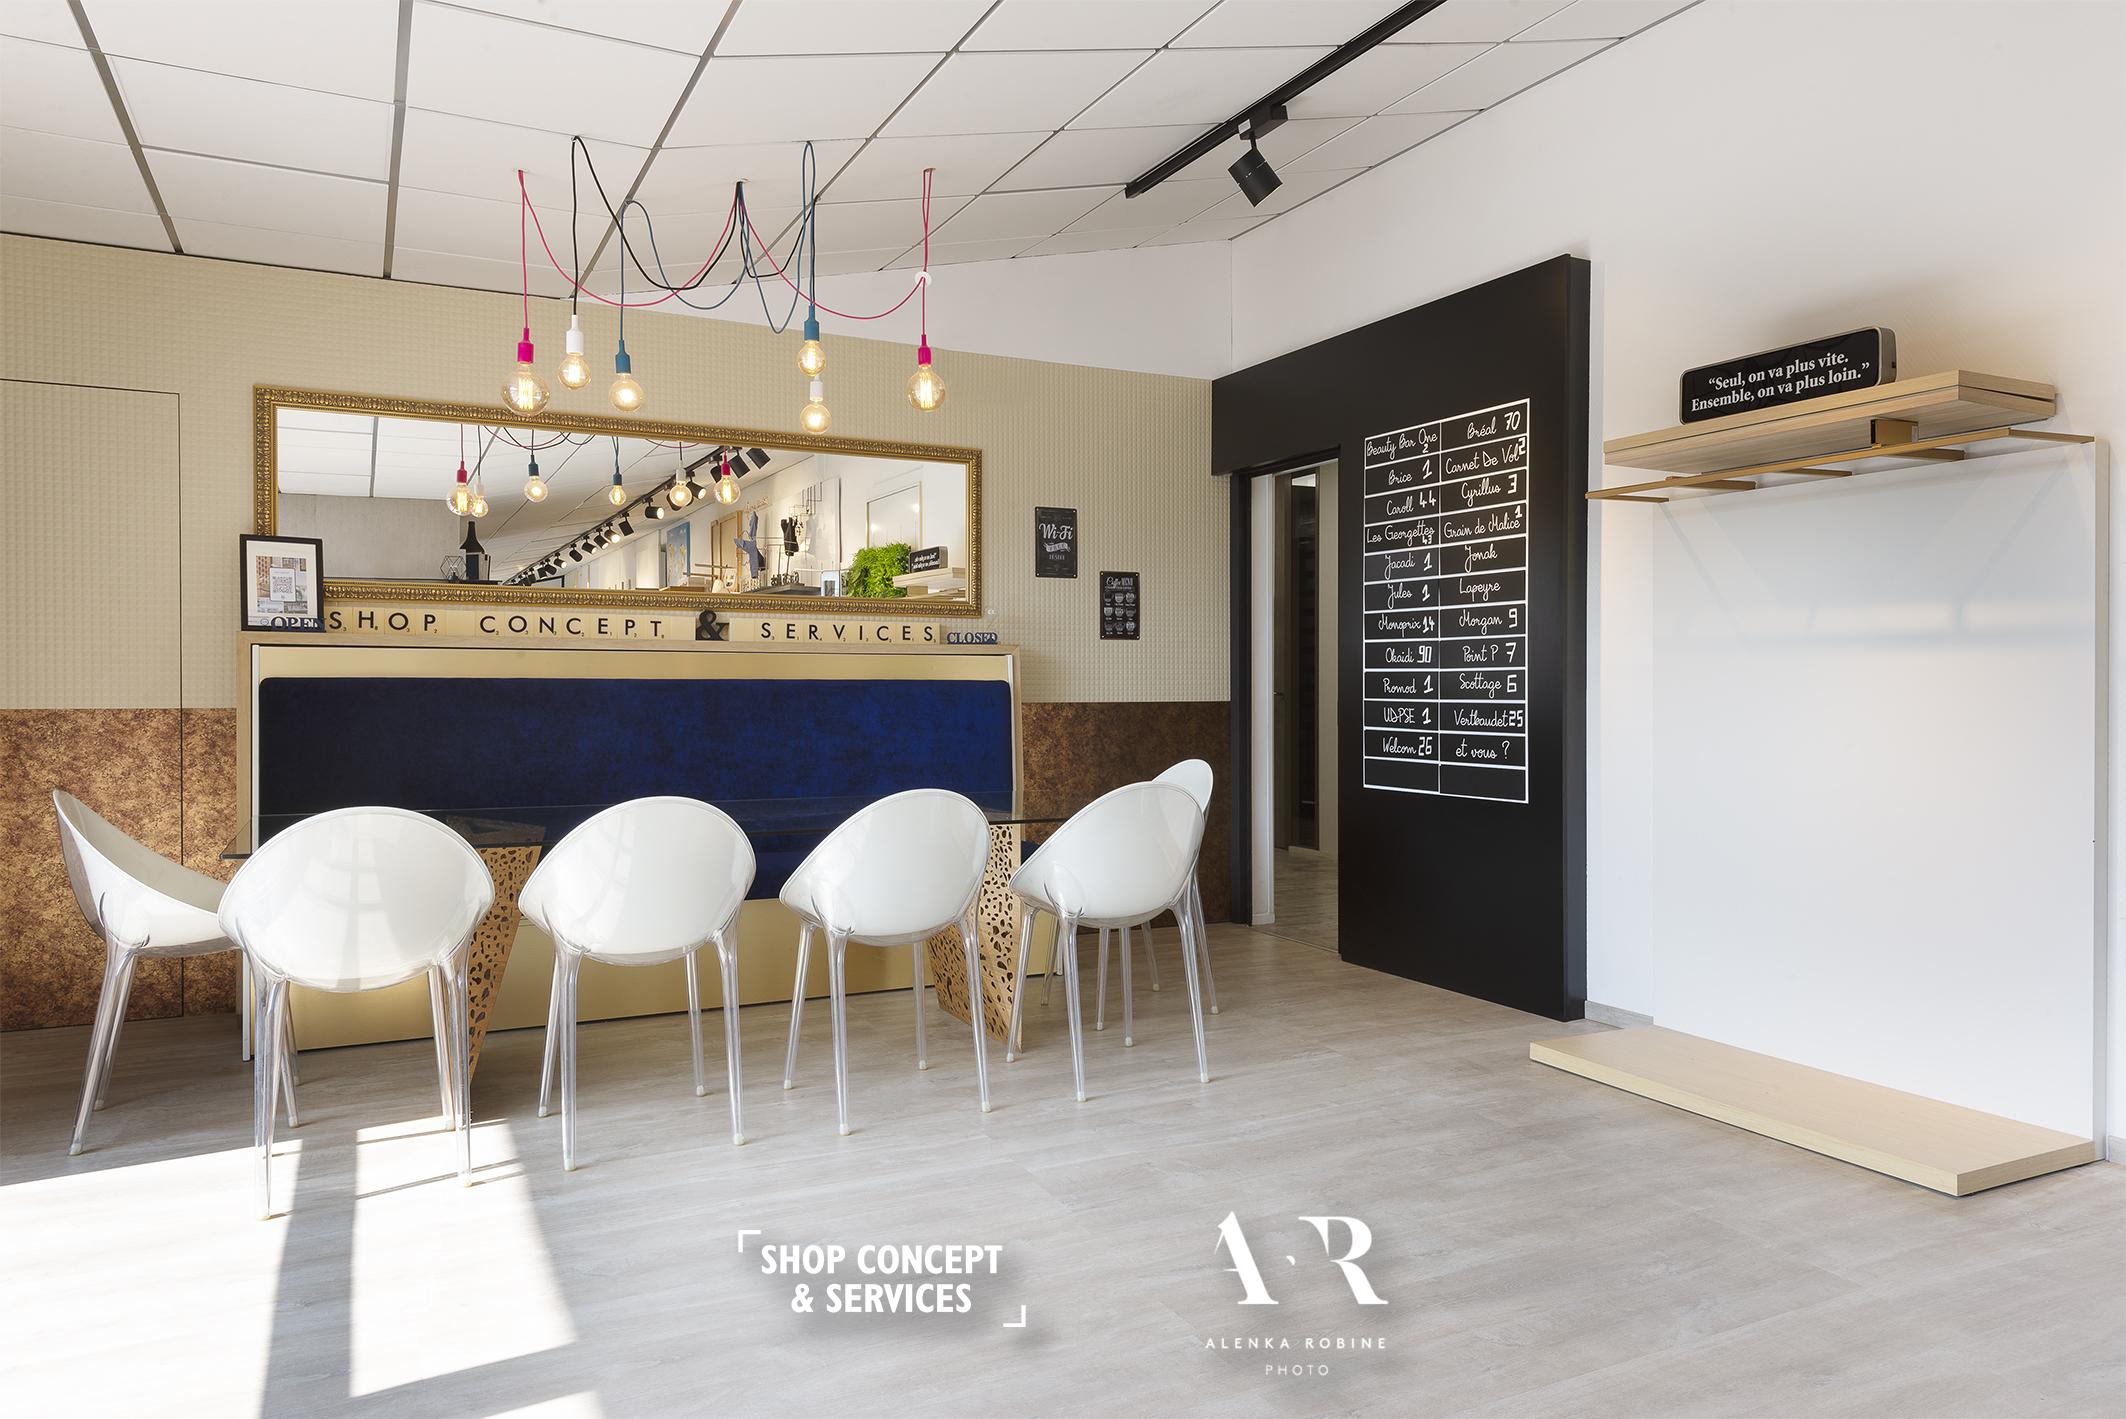 Photo 1 du showroom de Shop Concept & Services